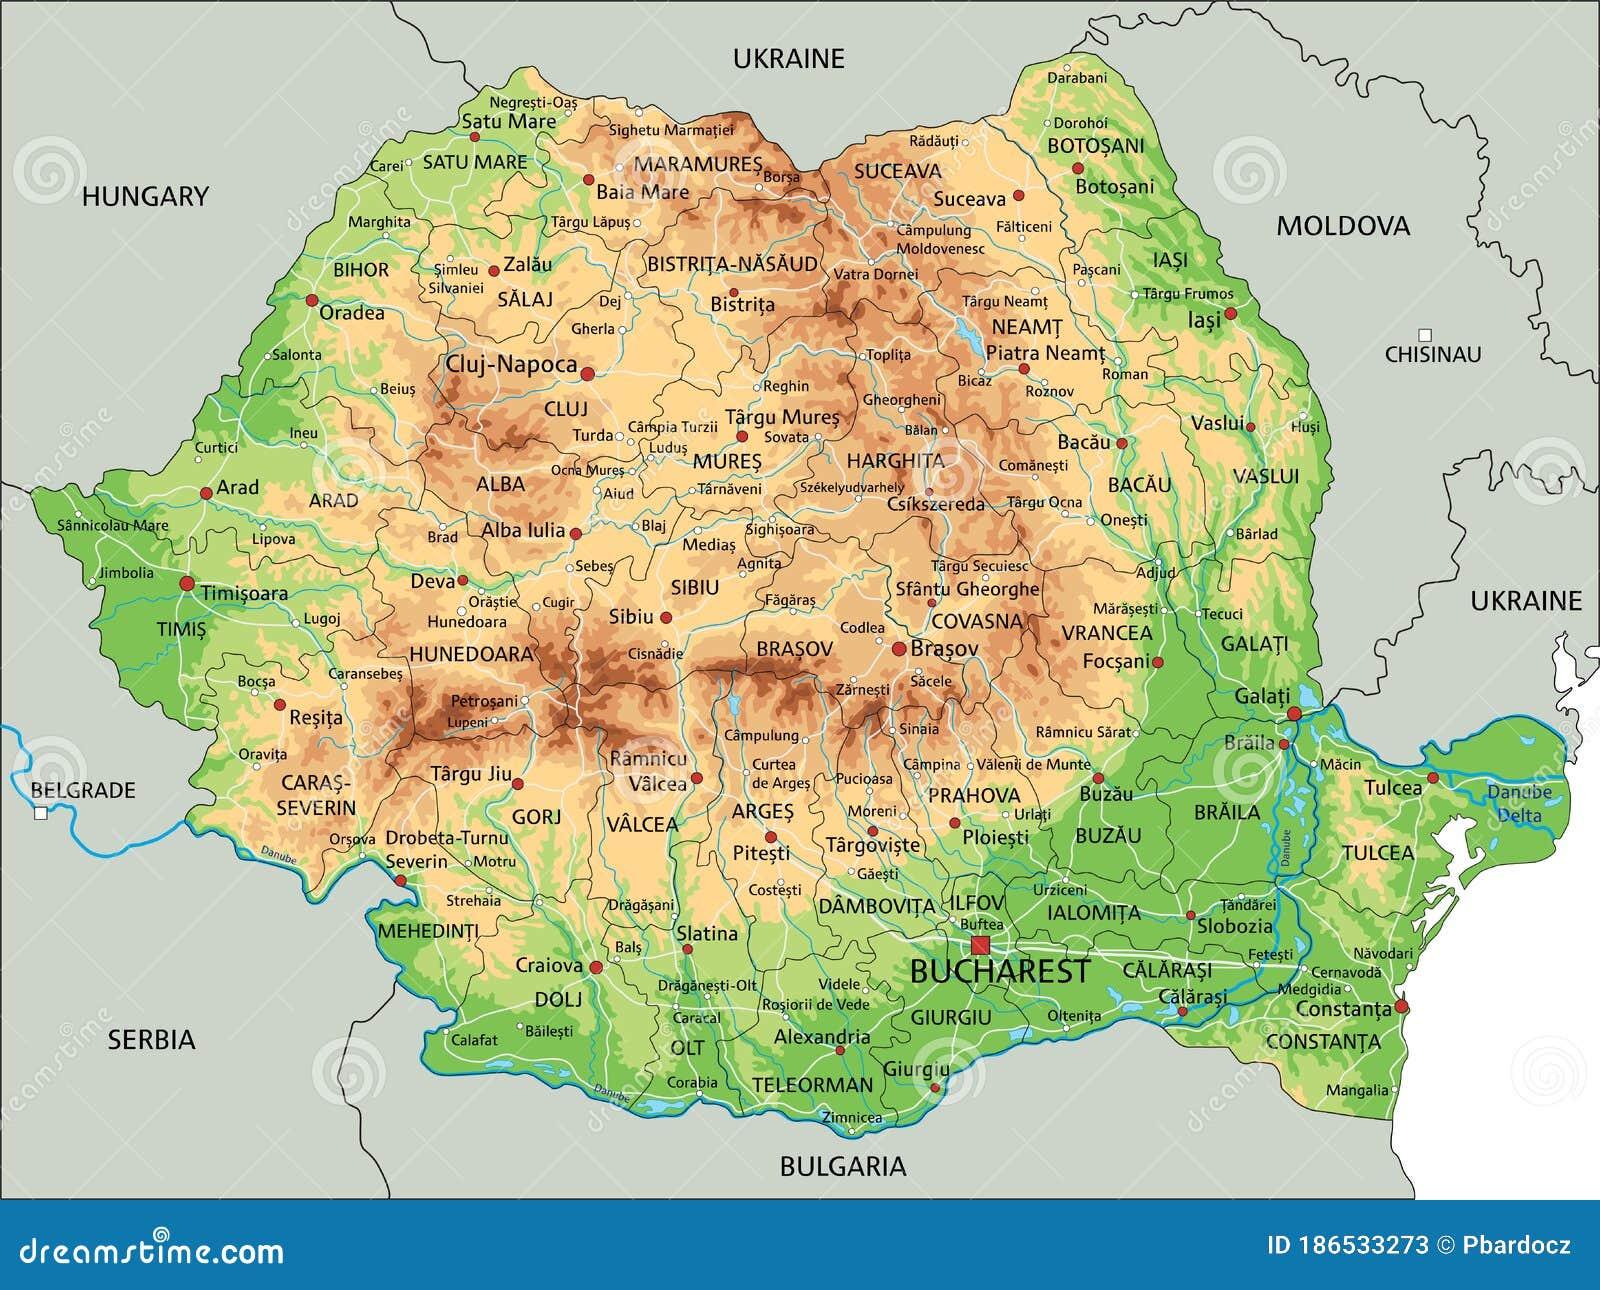 Cartina Geografica Fisica Della Romania.Mappa Fisica Romania Dettagliata Con Etichettatura Illustrazione Vettoriale Illustrazione Di Capitale Cartografia 186533273